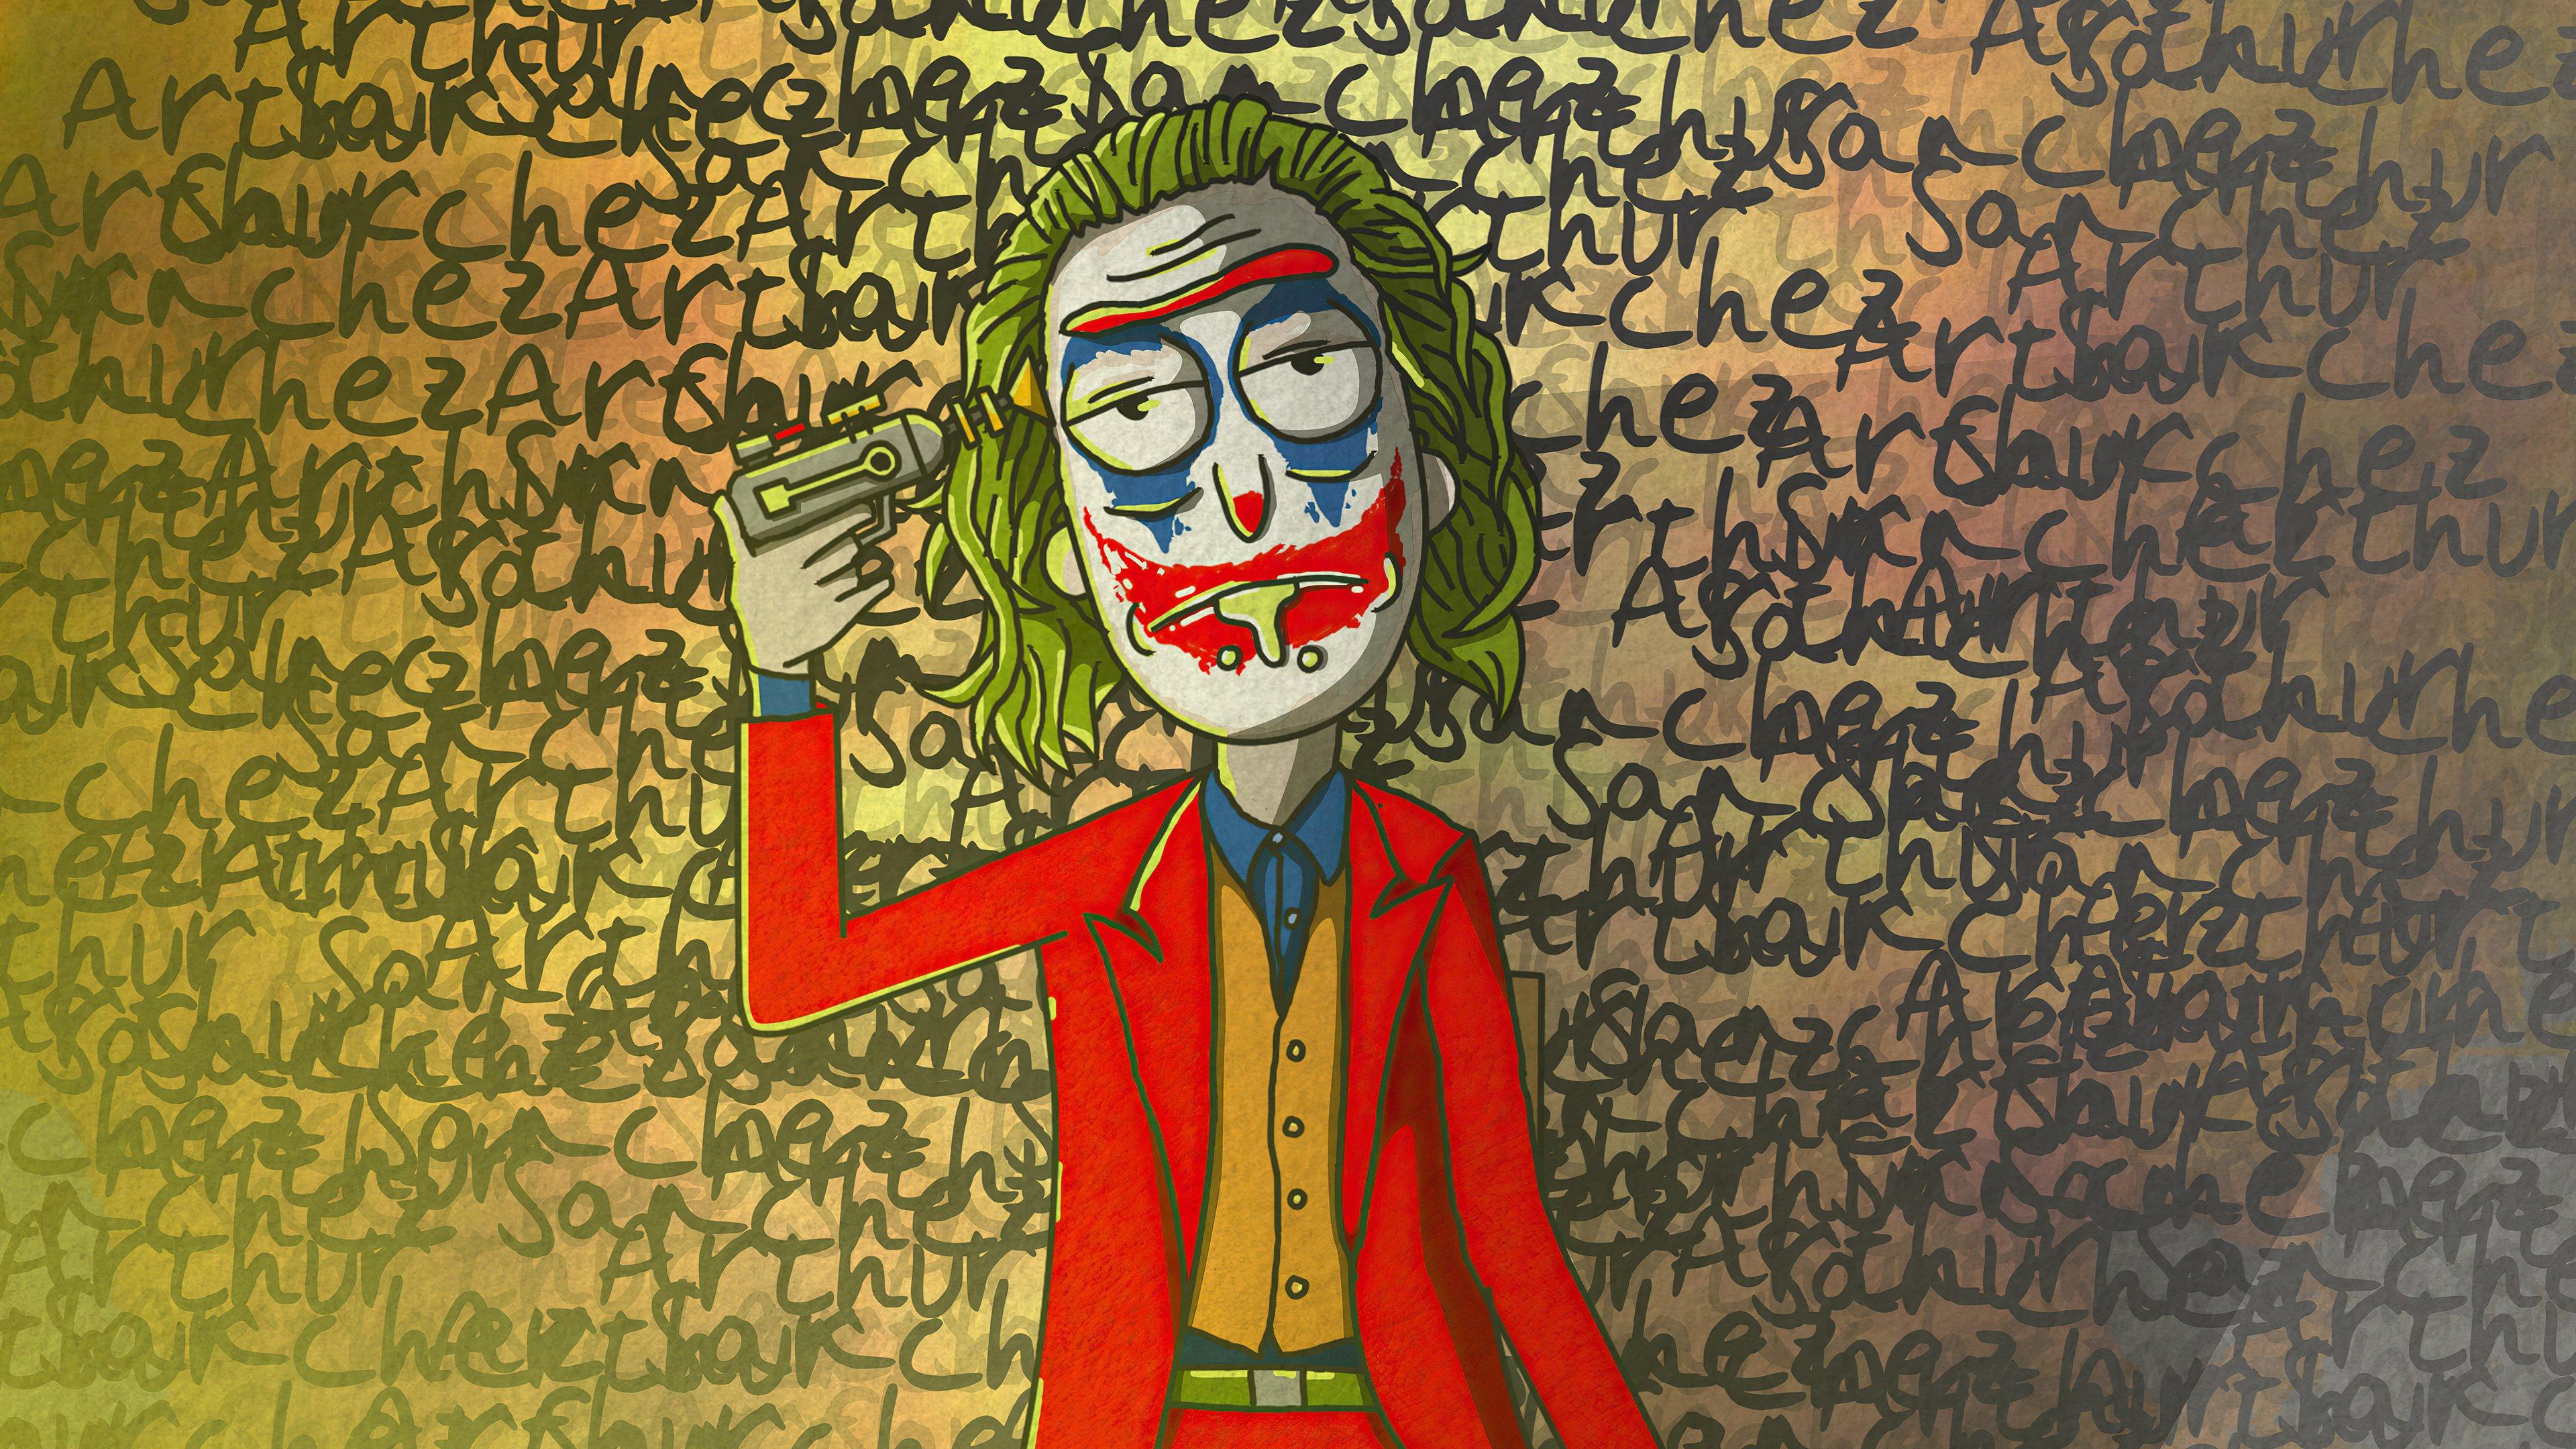 Fondos de pantalla Rick Sanchez como el Guasón